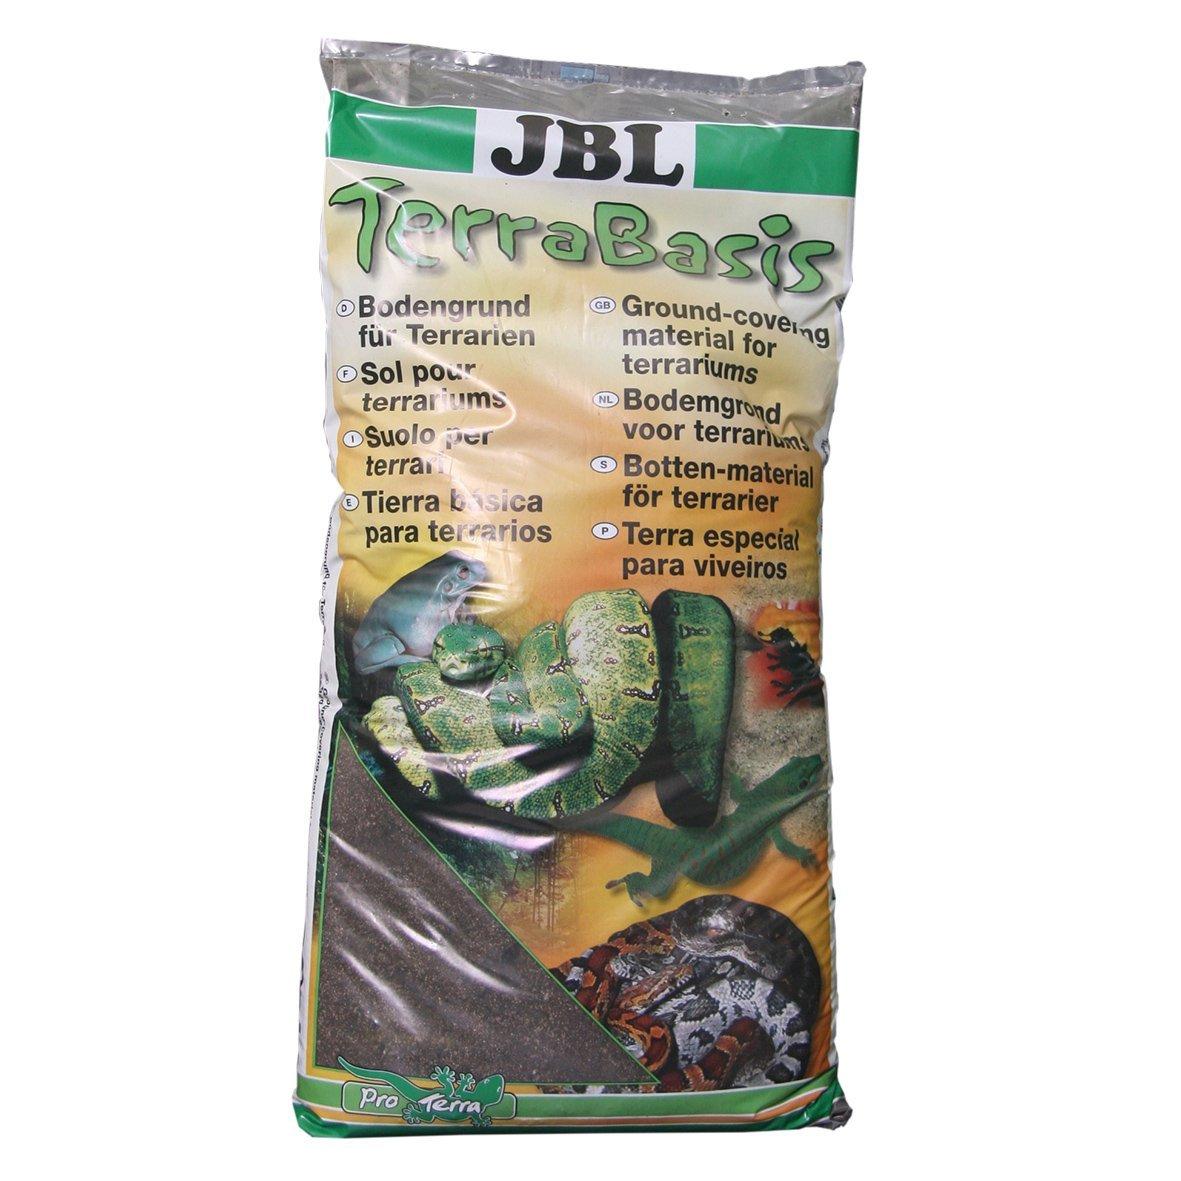 JBL suelos y terrarios tropicales, tierra especial sin fertilizantes, base de tierra 7101200